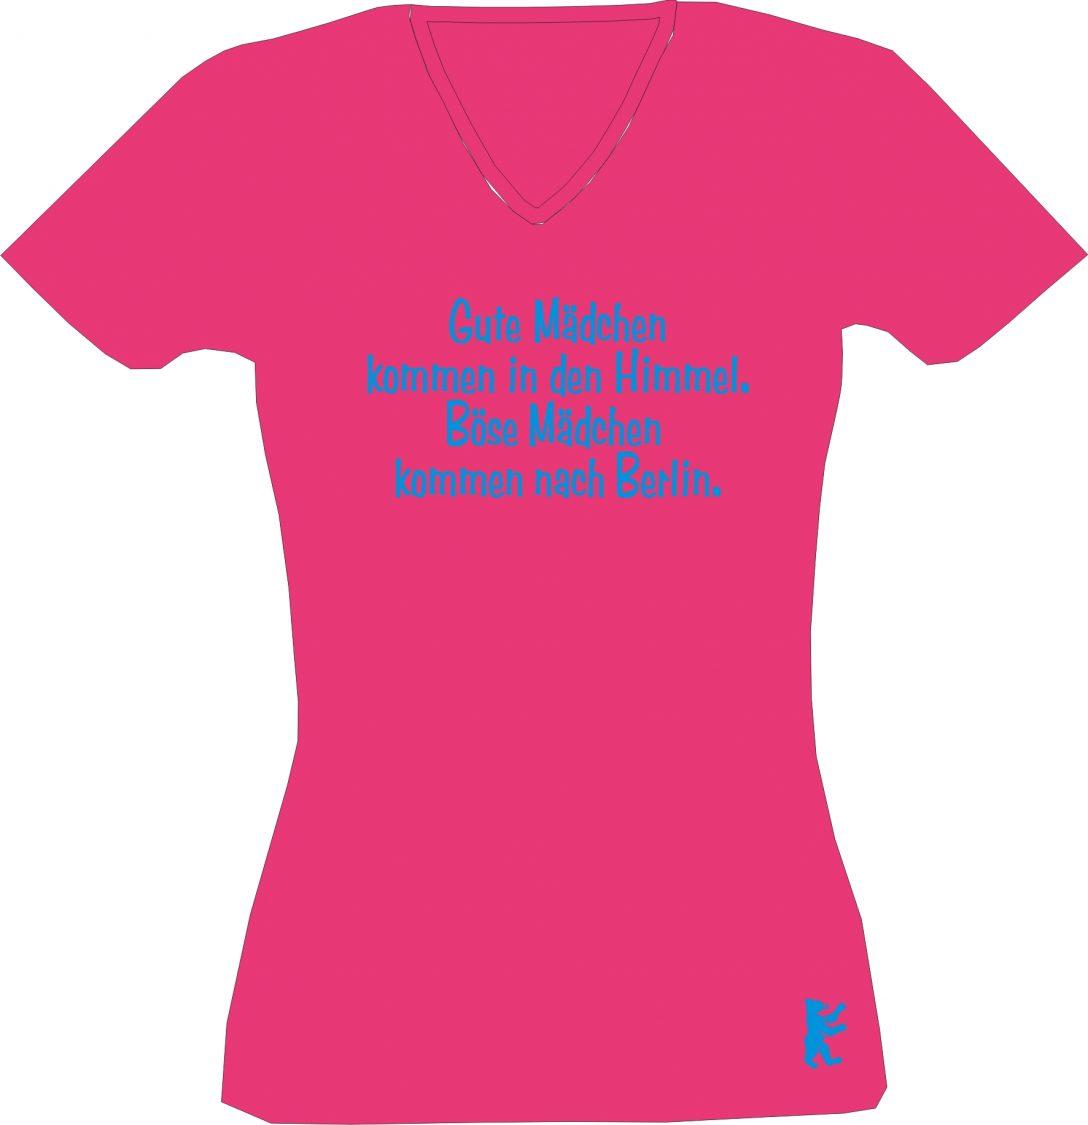 Large Size of Sprüche T Shirt Urlaub Landwirtschaft Sprüche T Shirt Feuerwehr Sprüche T Shirt Sprüche T Shirt Sport Küche Sprüche T Shirt